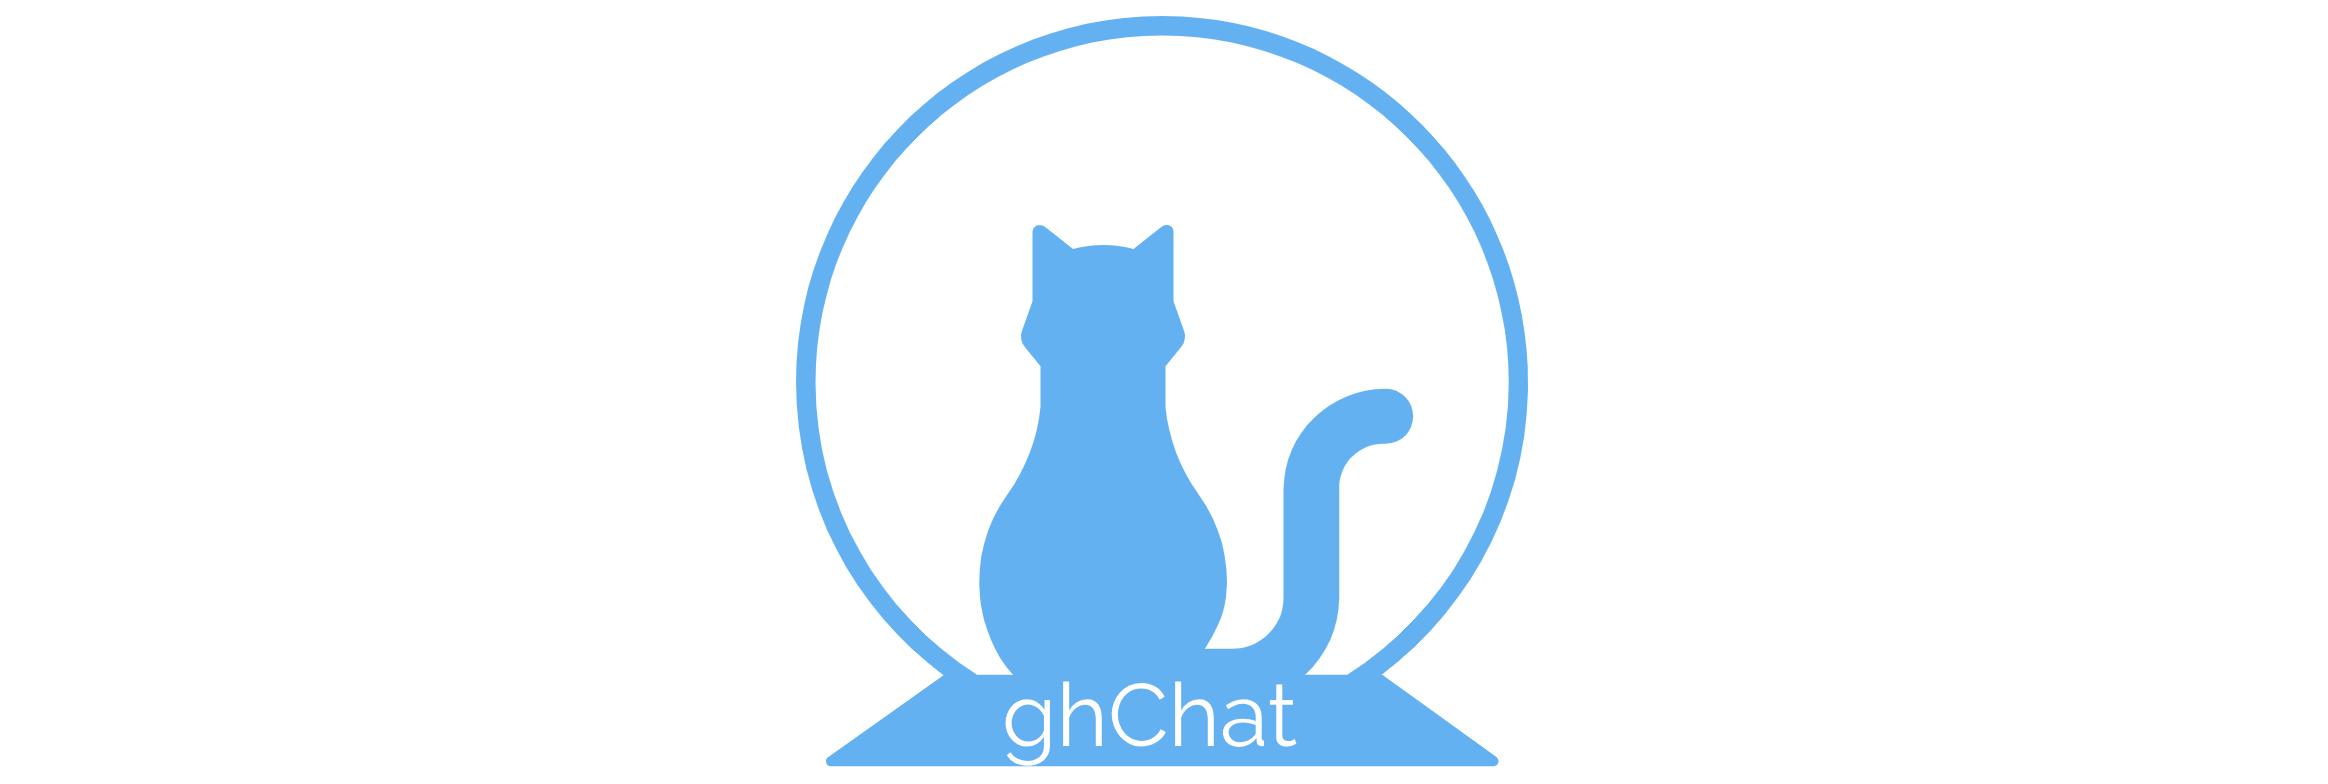 ghChat